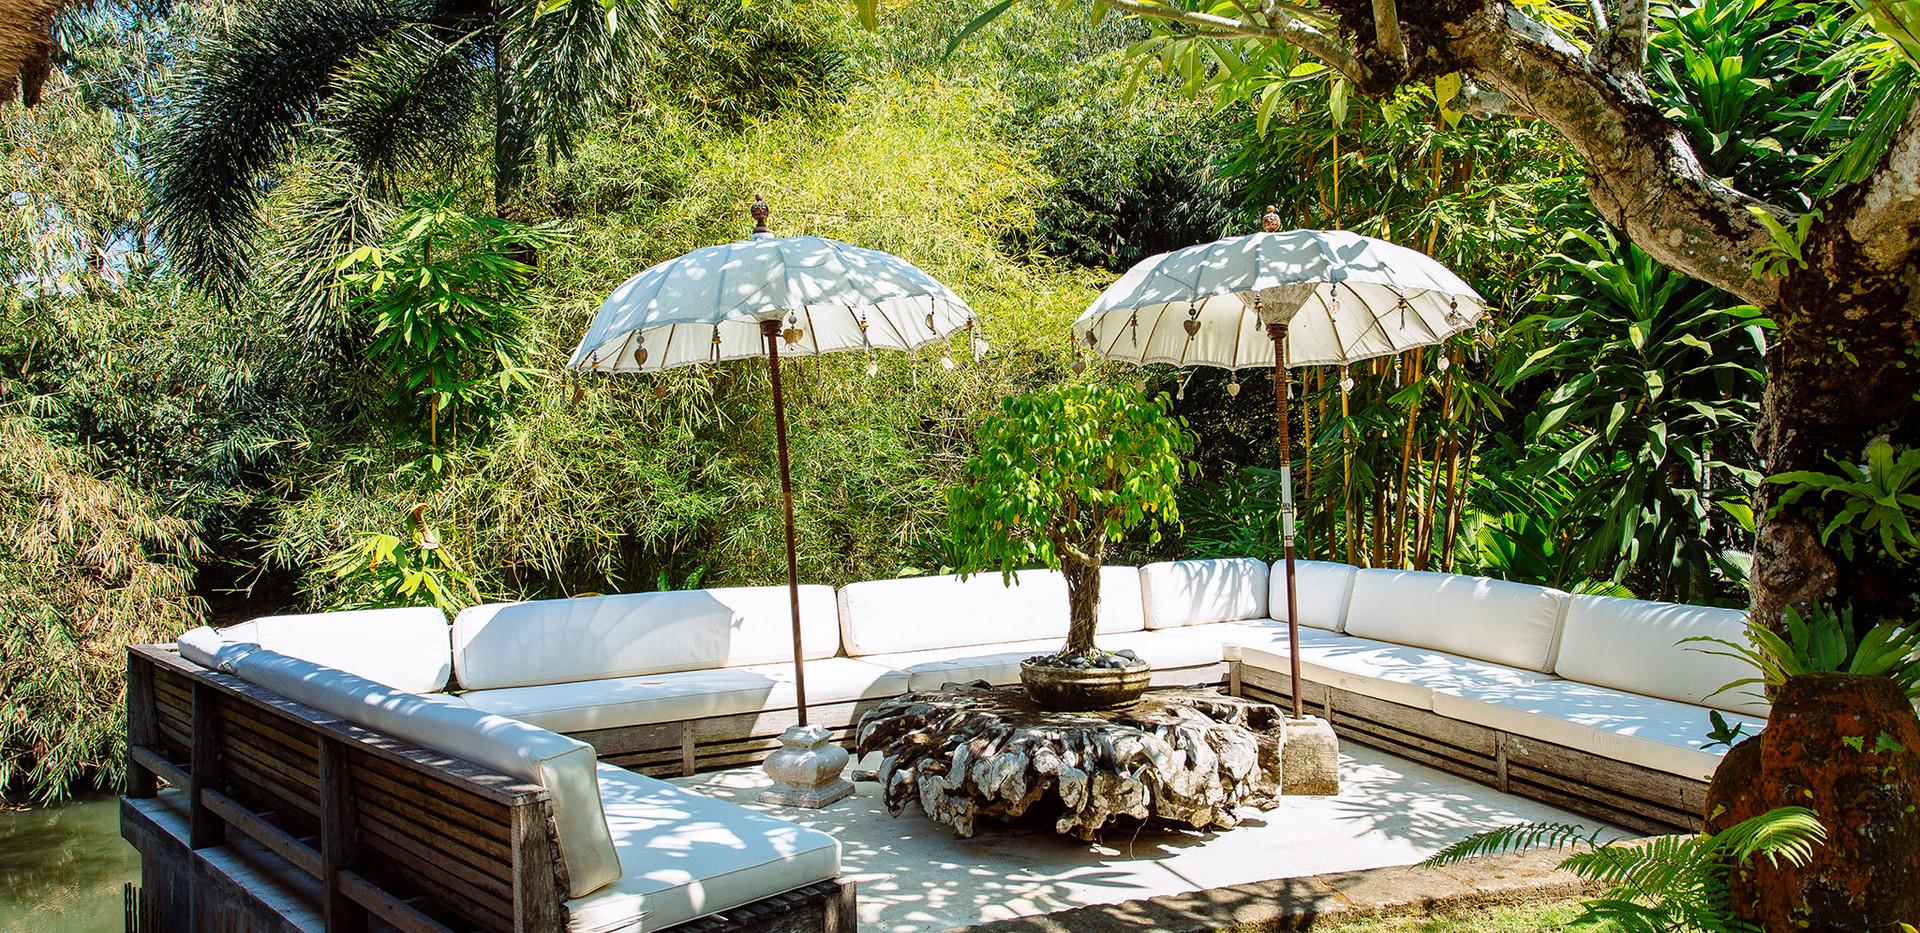 04-Villa Maya Retreat - Garden living ar